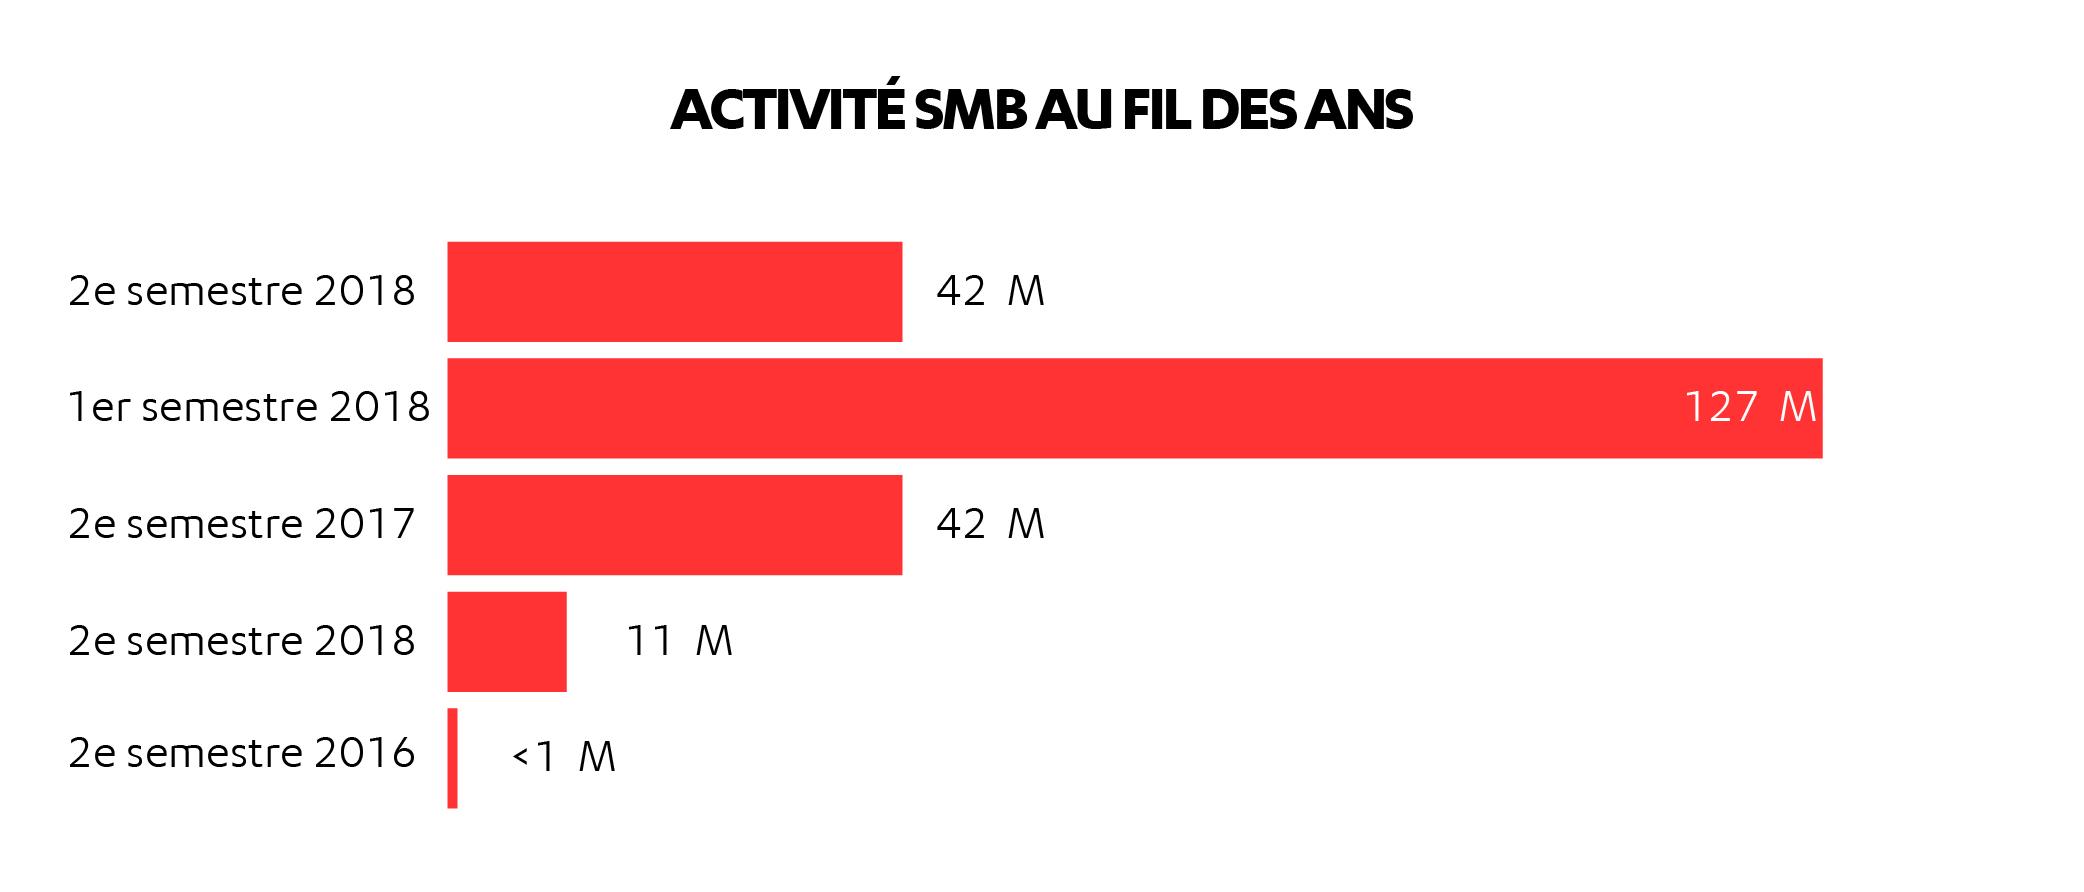 FR-AL_H2_2018_charts_smb_activity